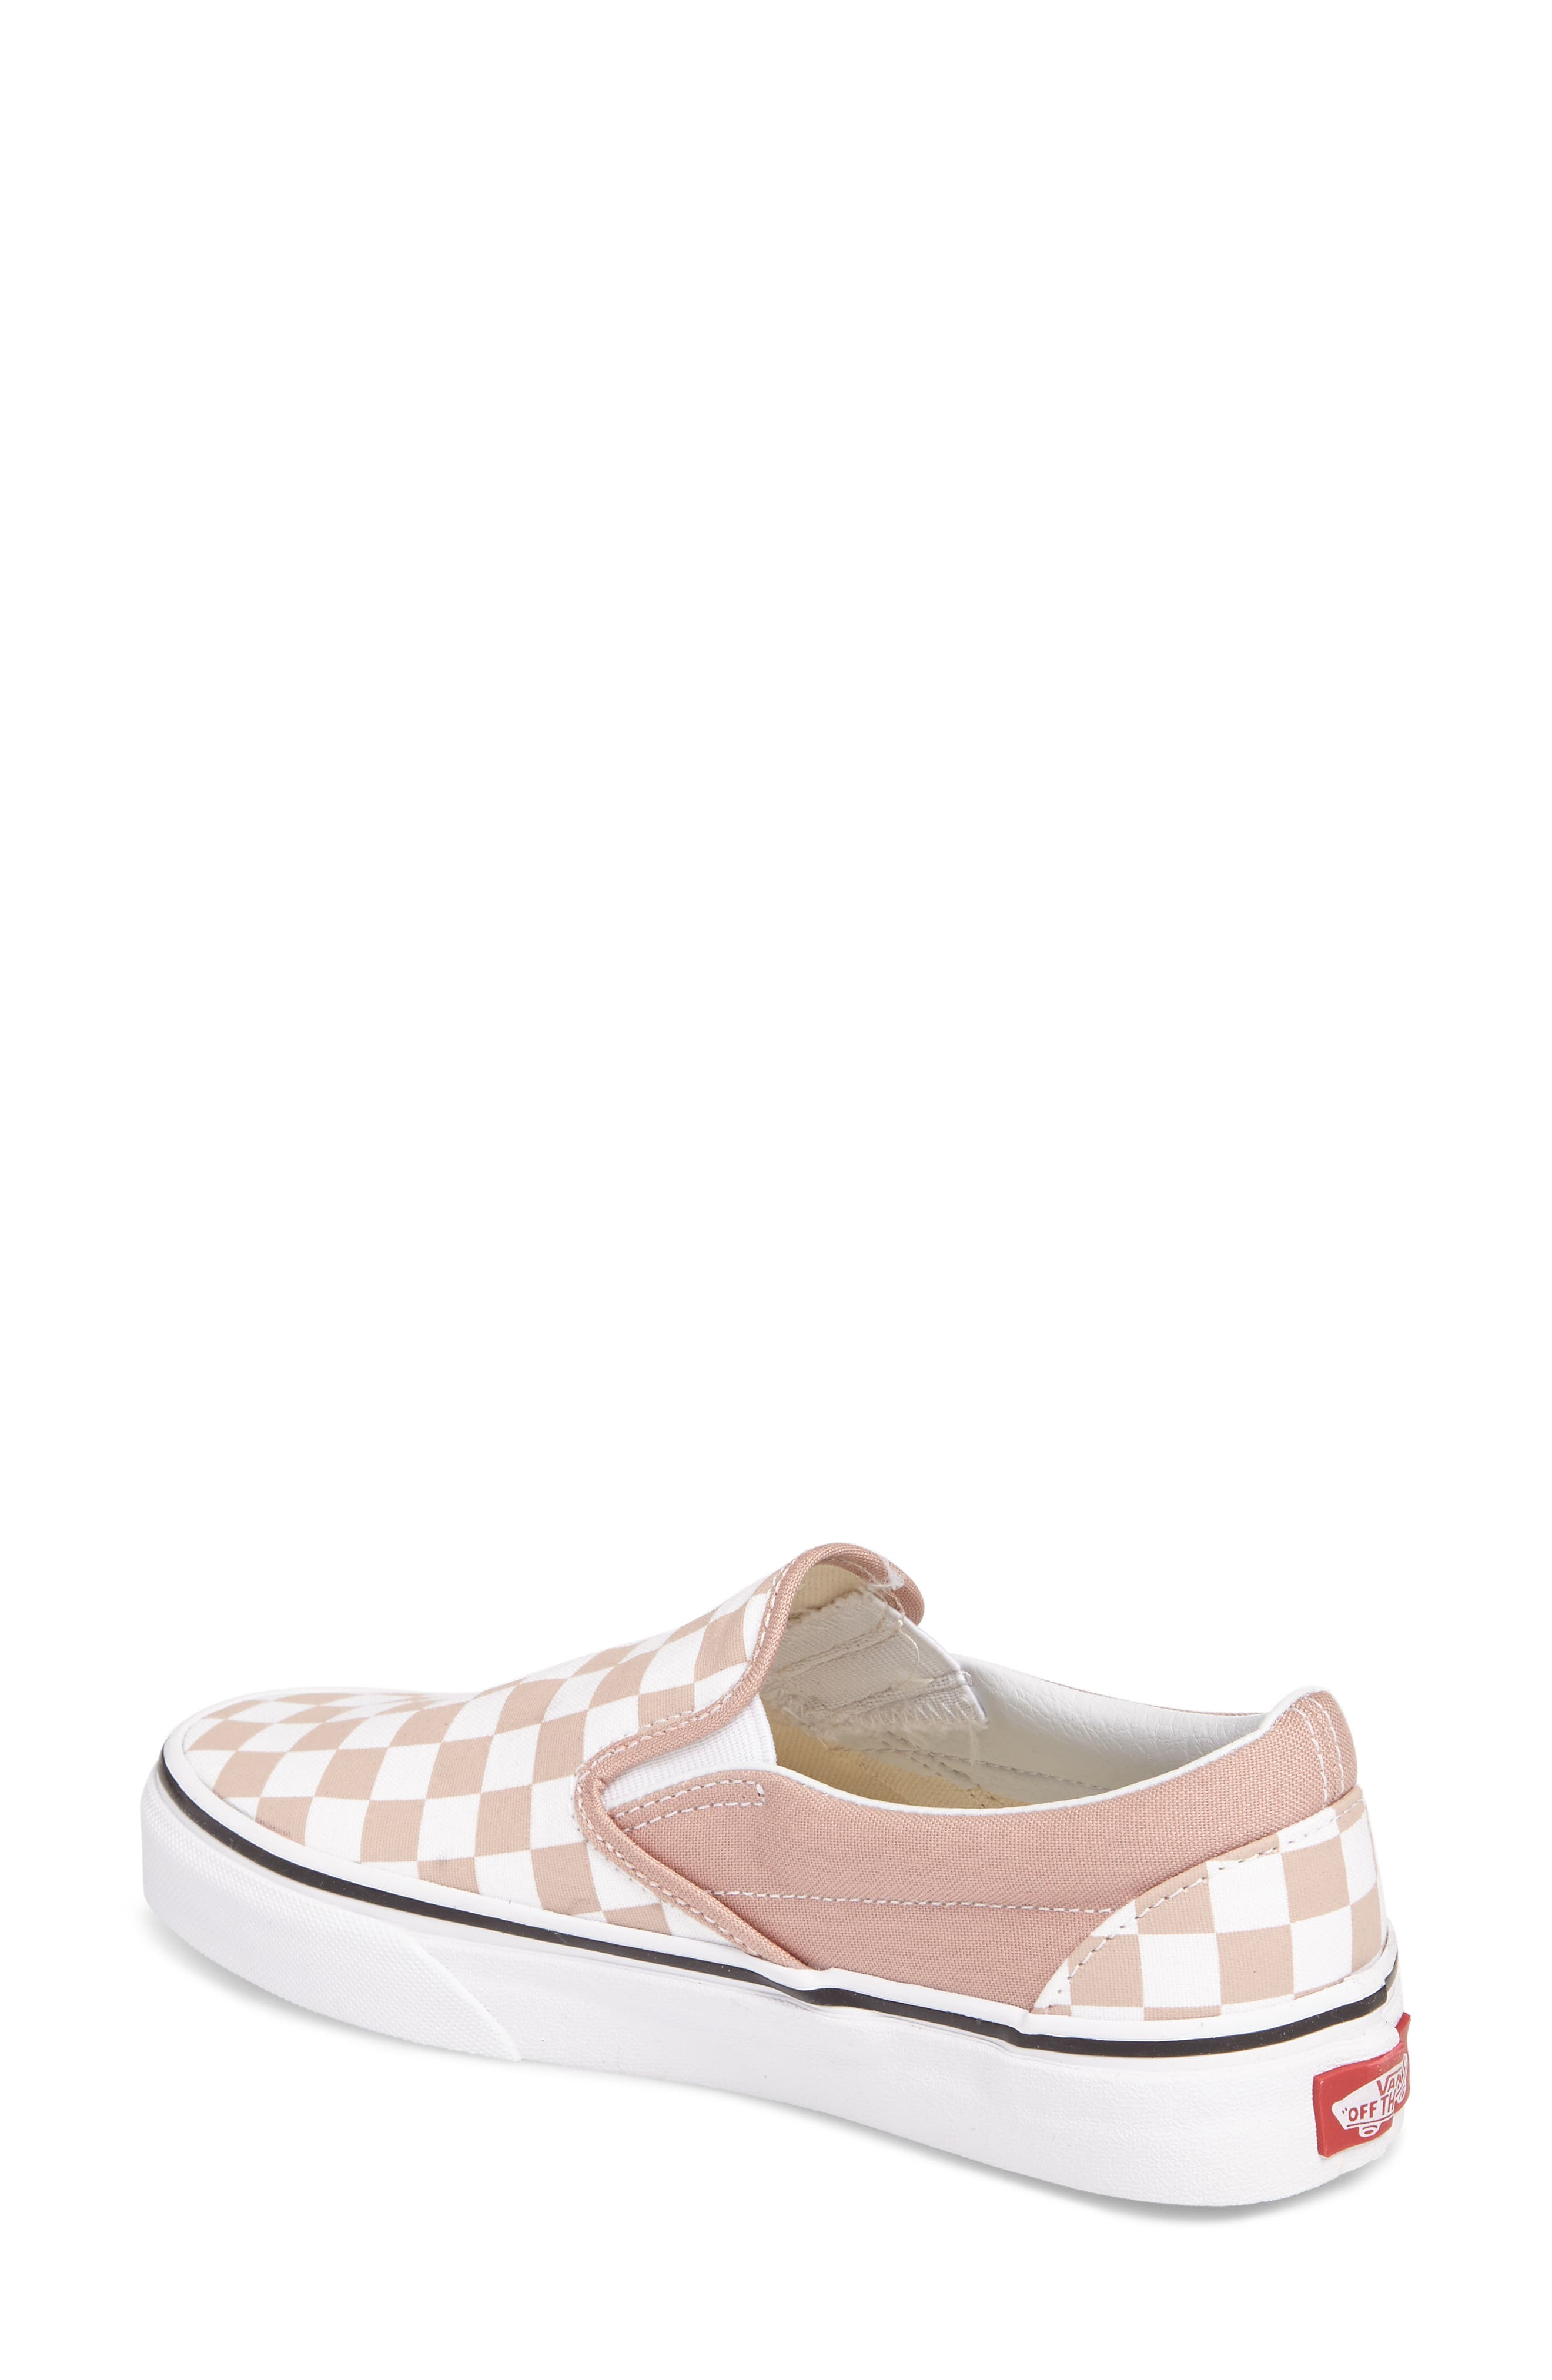 Classic Slip-On Sneaker,                             Alternate thumbnail 124, color,